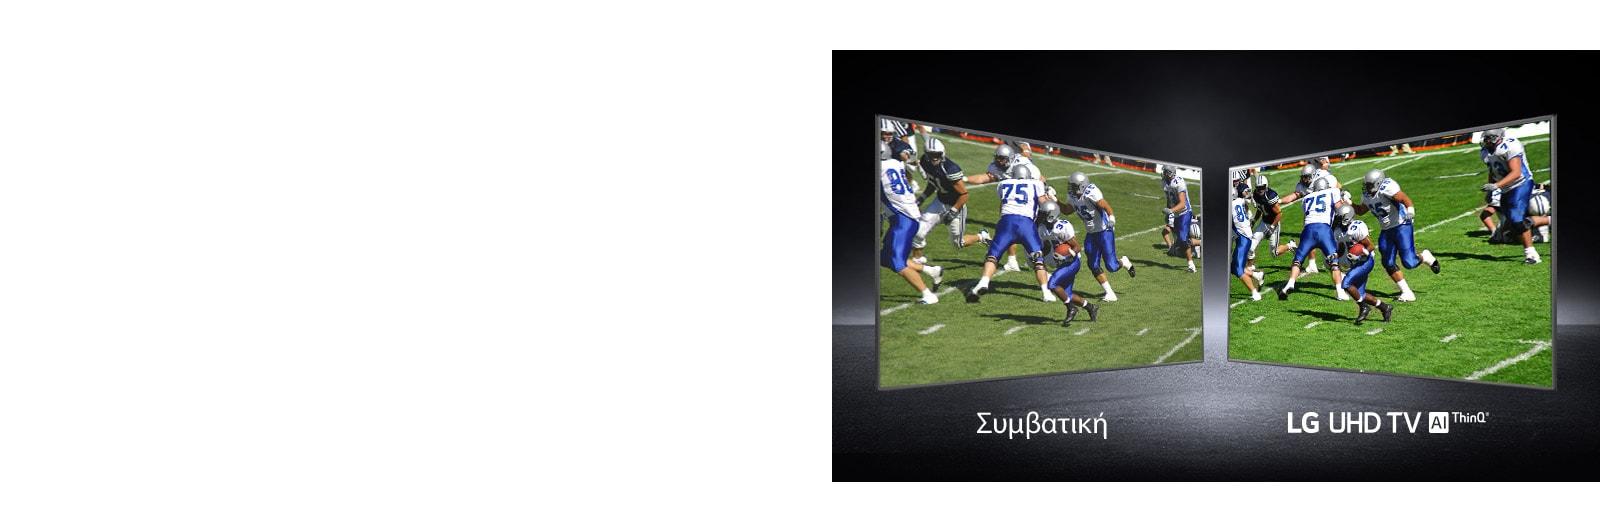 Μια εικόνα παικτών που παίζουν σε ένα γήπεδο ποδοσφαίρου. Η μία σε συμβατική οθόνη και η άλλη σε τηλεόραση UHD.